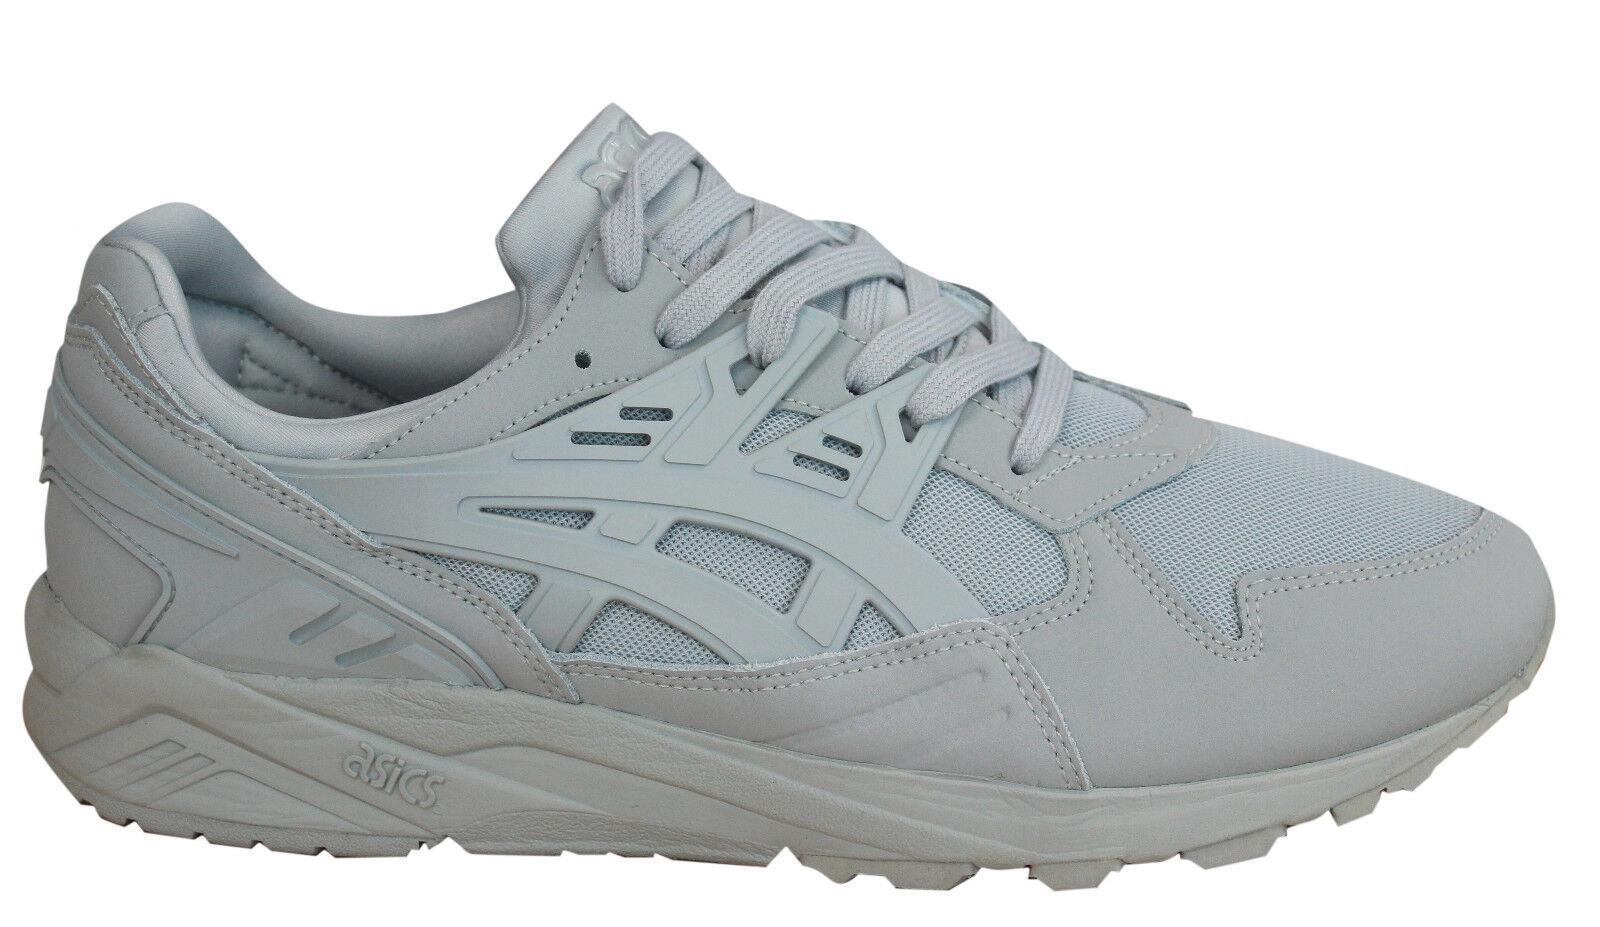 Asics Gel-Kayano Trainers pour Homme Chaussures De Course Textile Gris HN7J3 9696 D111